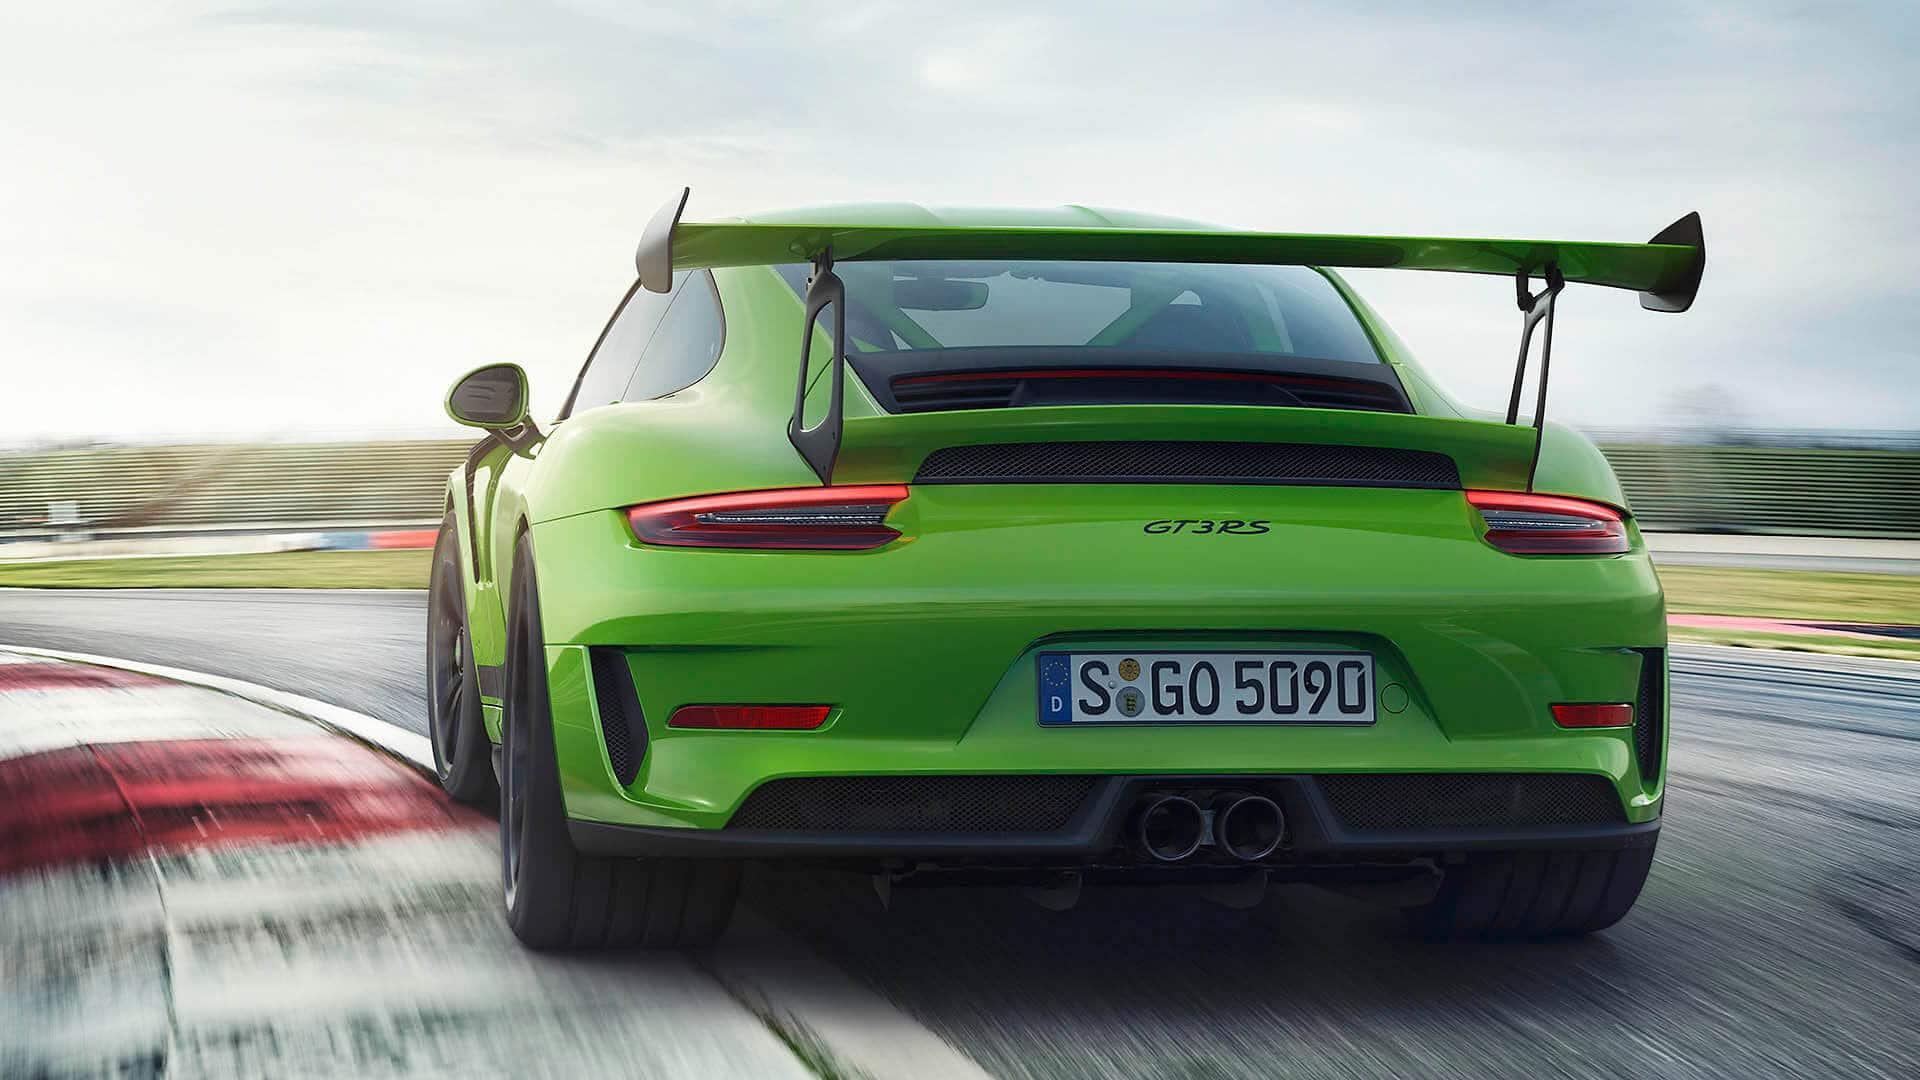 Au plus près de la course : la nouvelle Porsche 911 GT3 RS